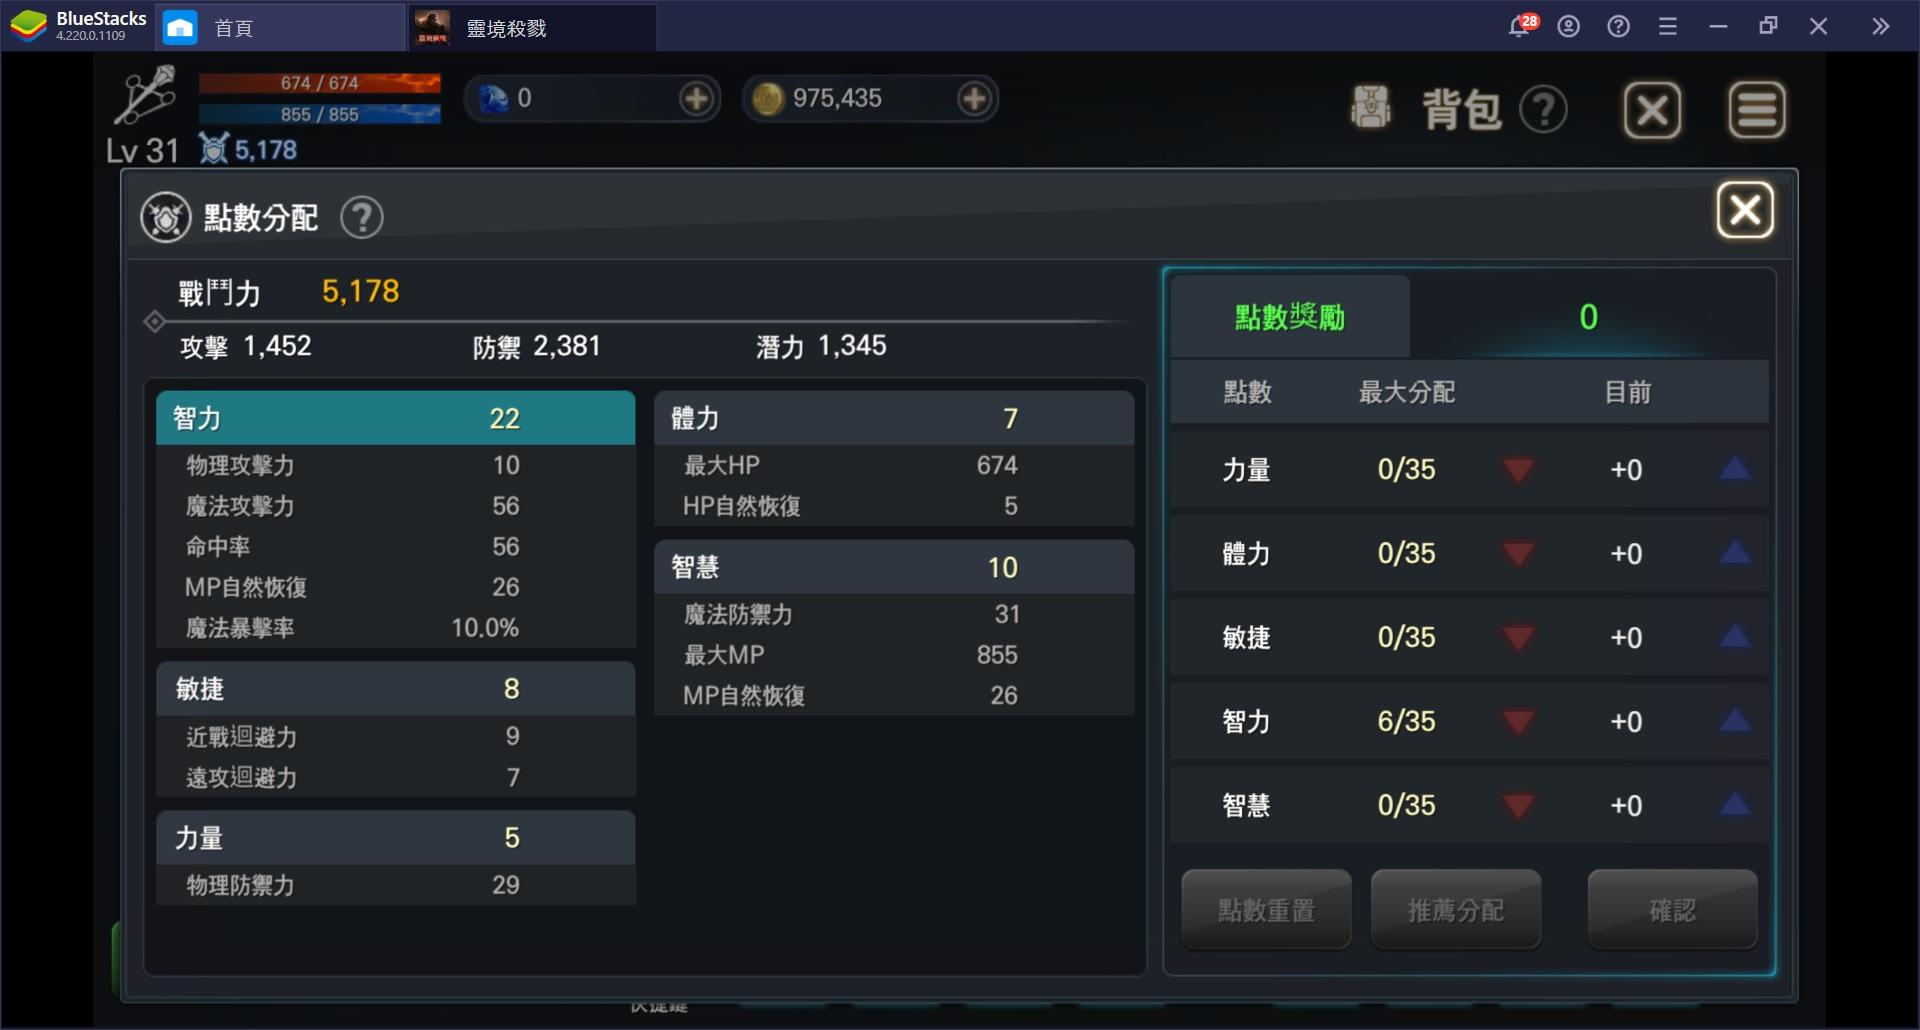 使用BlueStacks在PC上體驗史上最危險的MMORPG手游《EOS靈境殺戮》